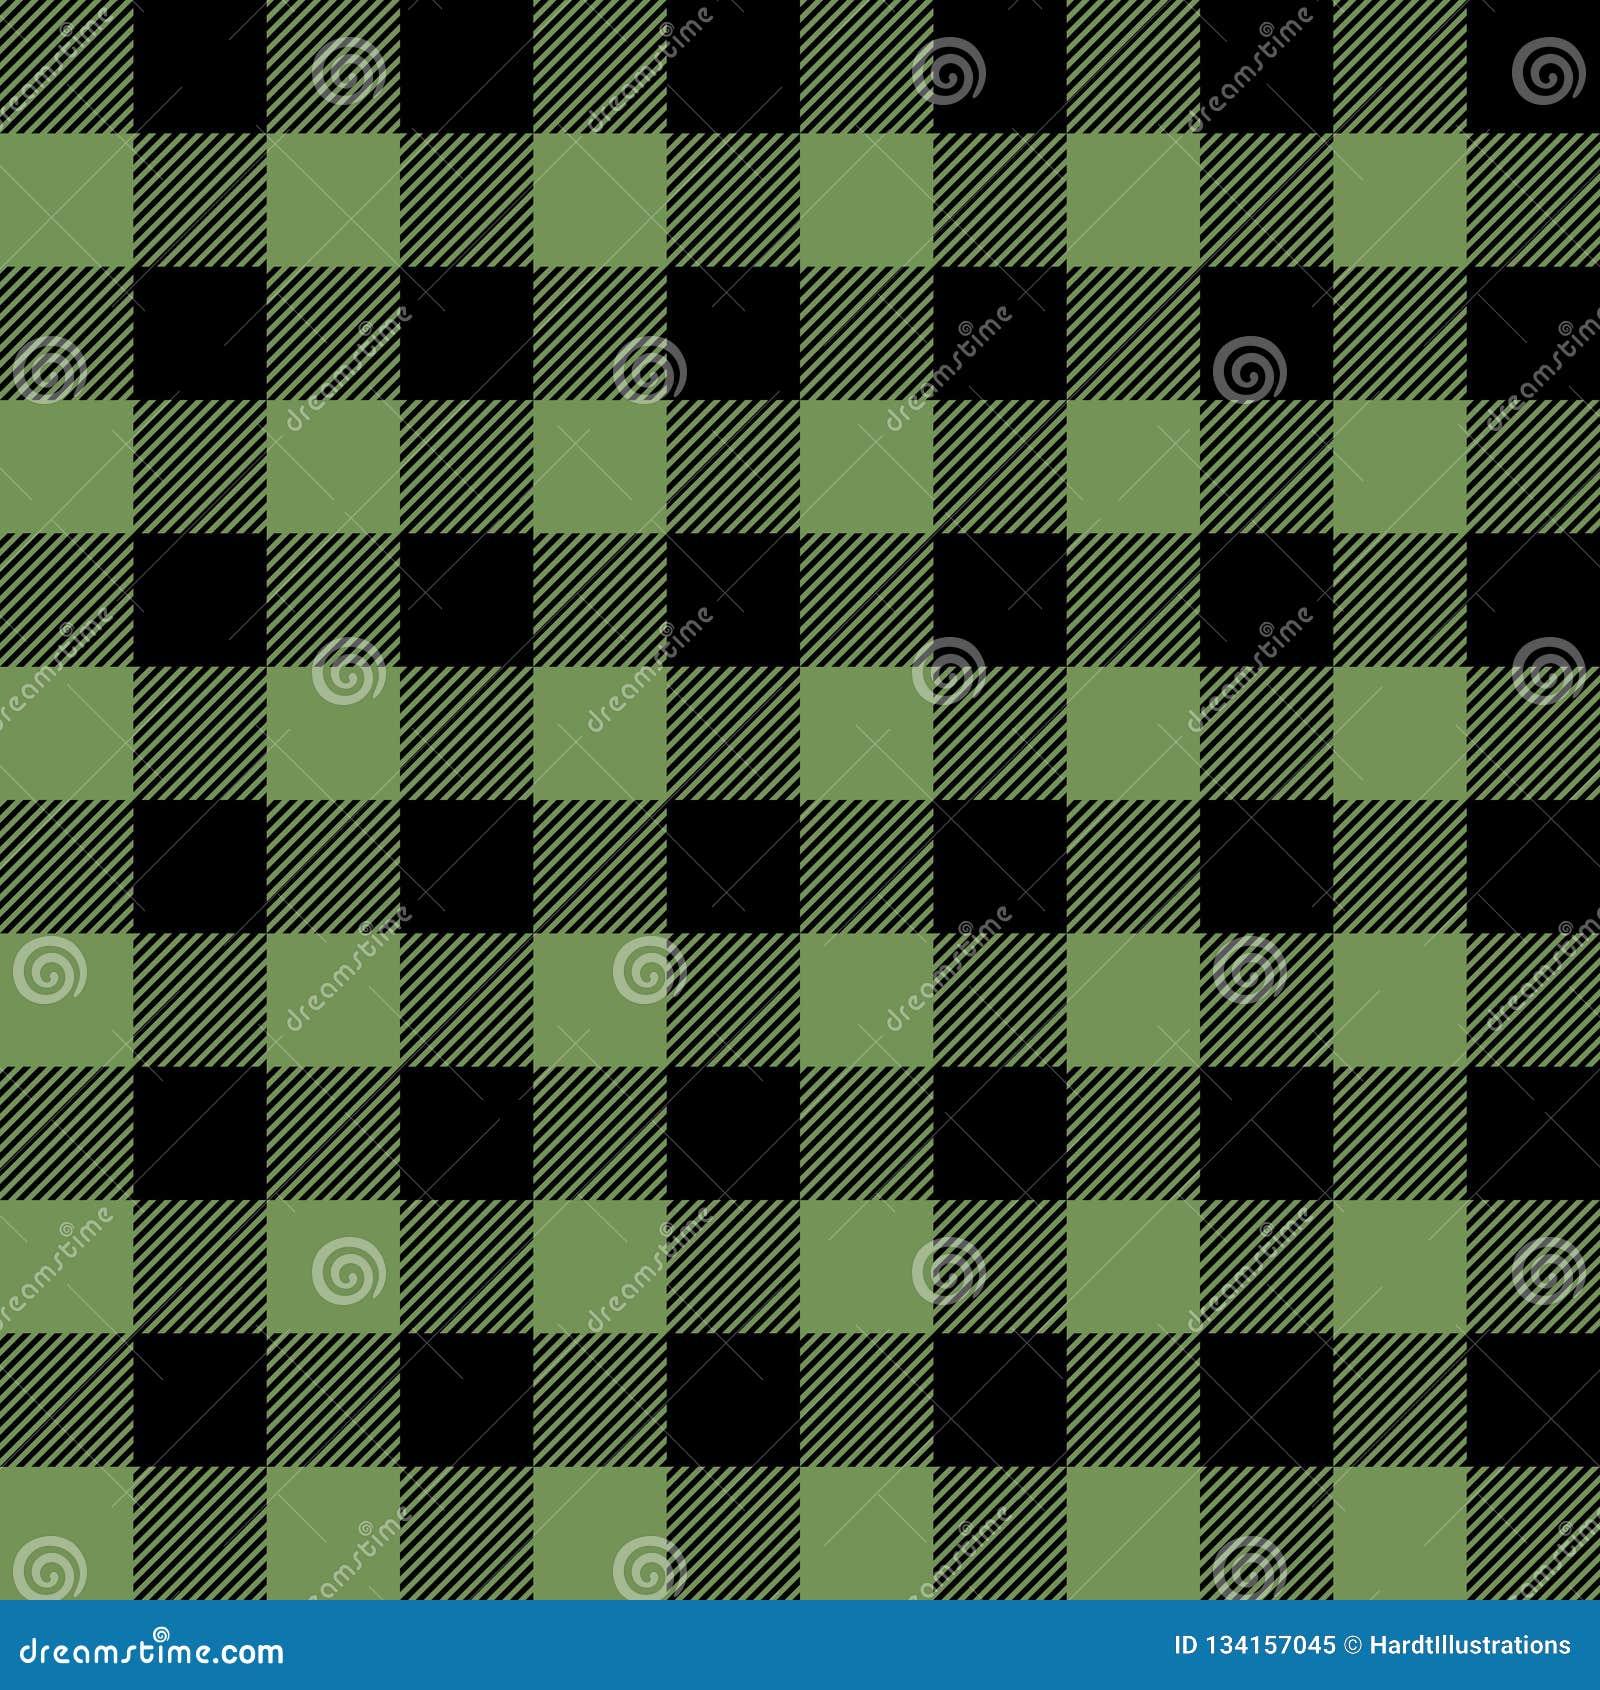 Green and Black Buffalo Plaid Seamless Pattern